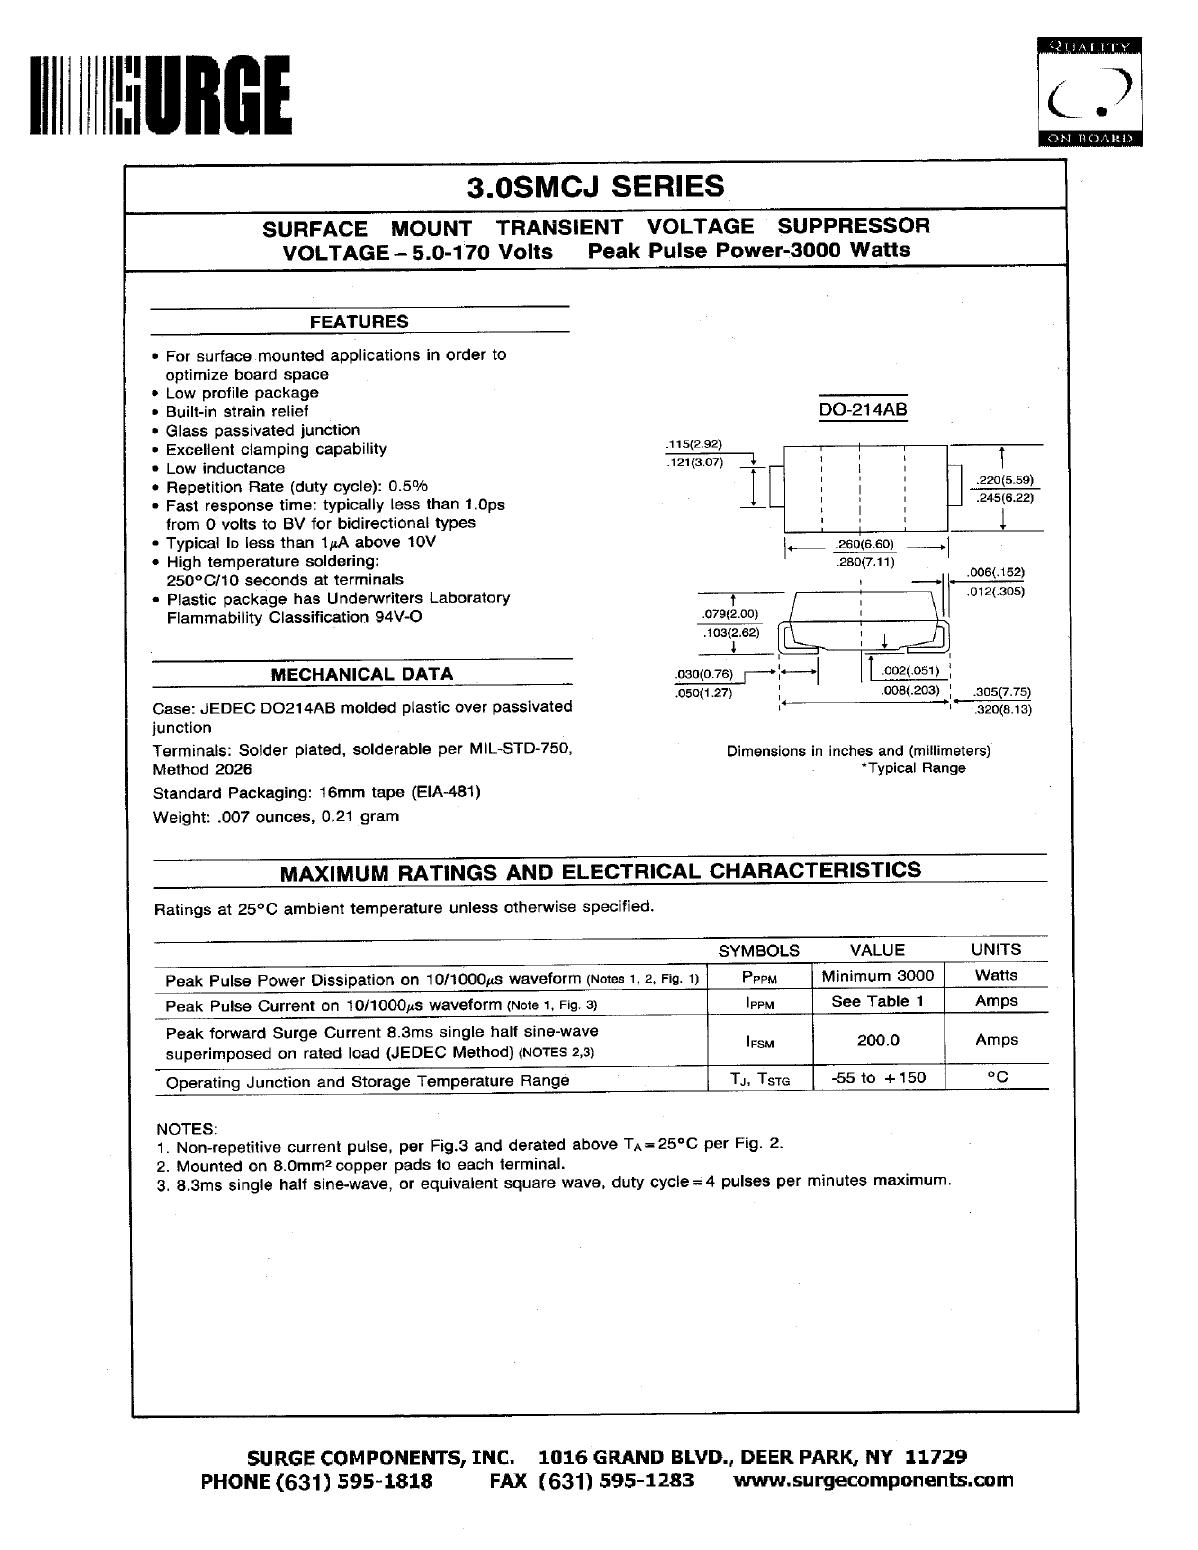 3.0SMCJ100C دیتاشیت PDF